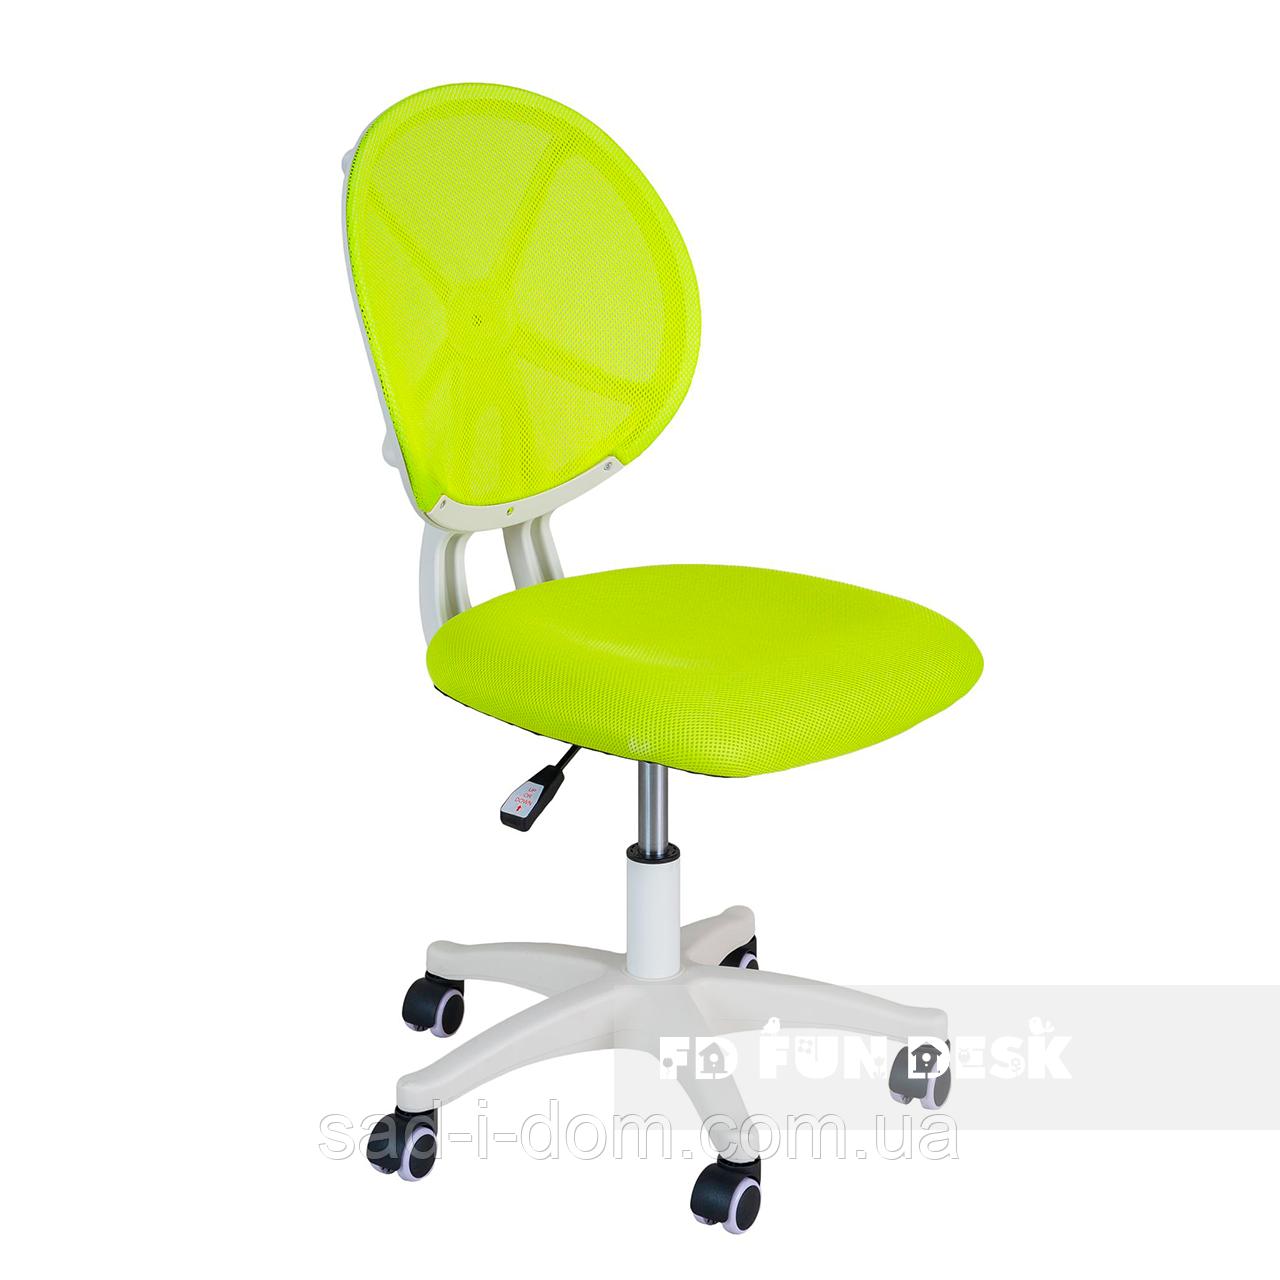 Детское ортопедическое кресло для школьника FunDesk LST1, зеленое